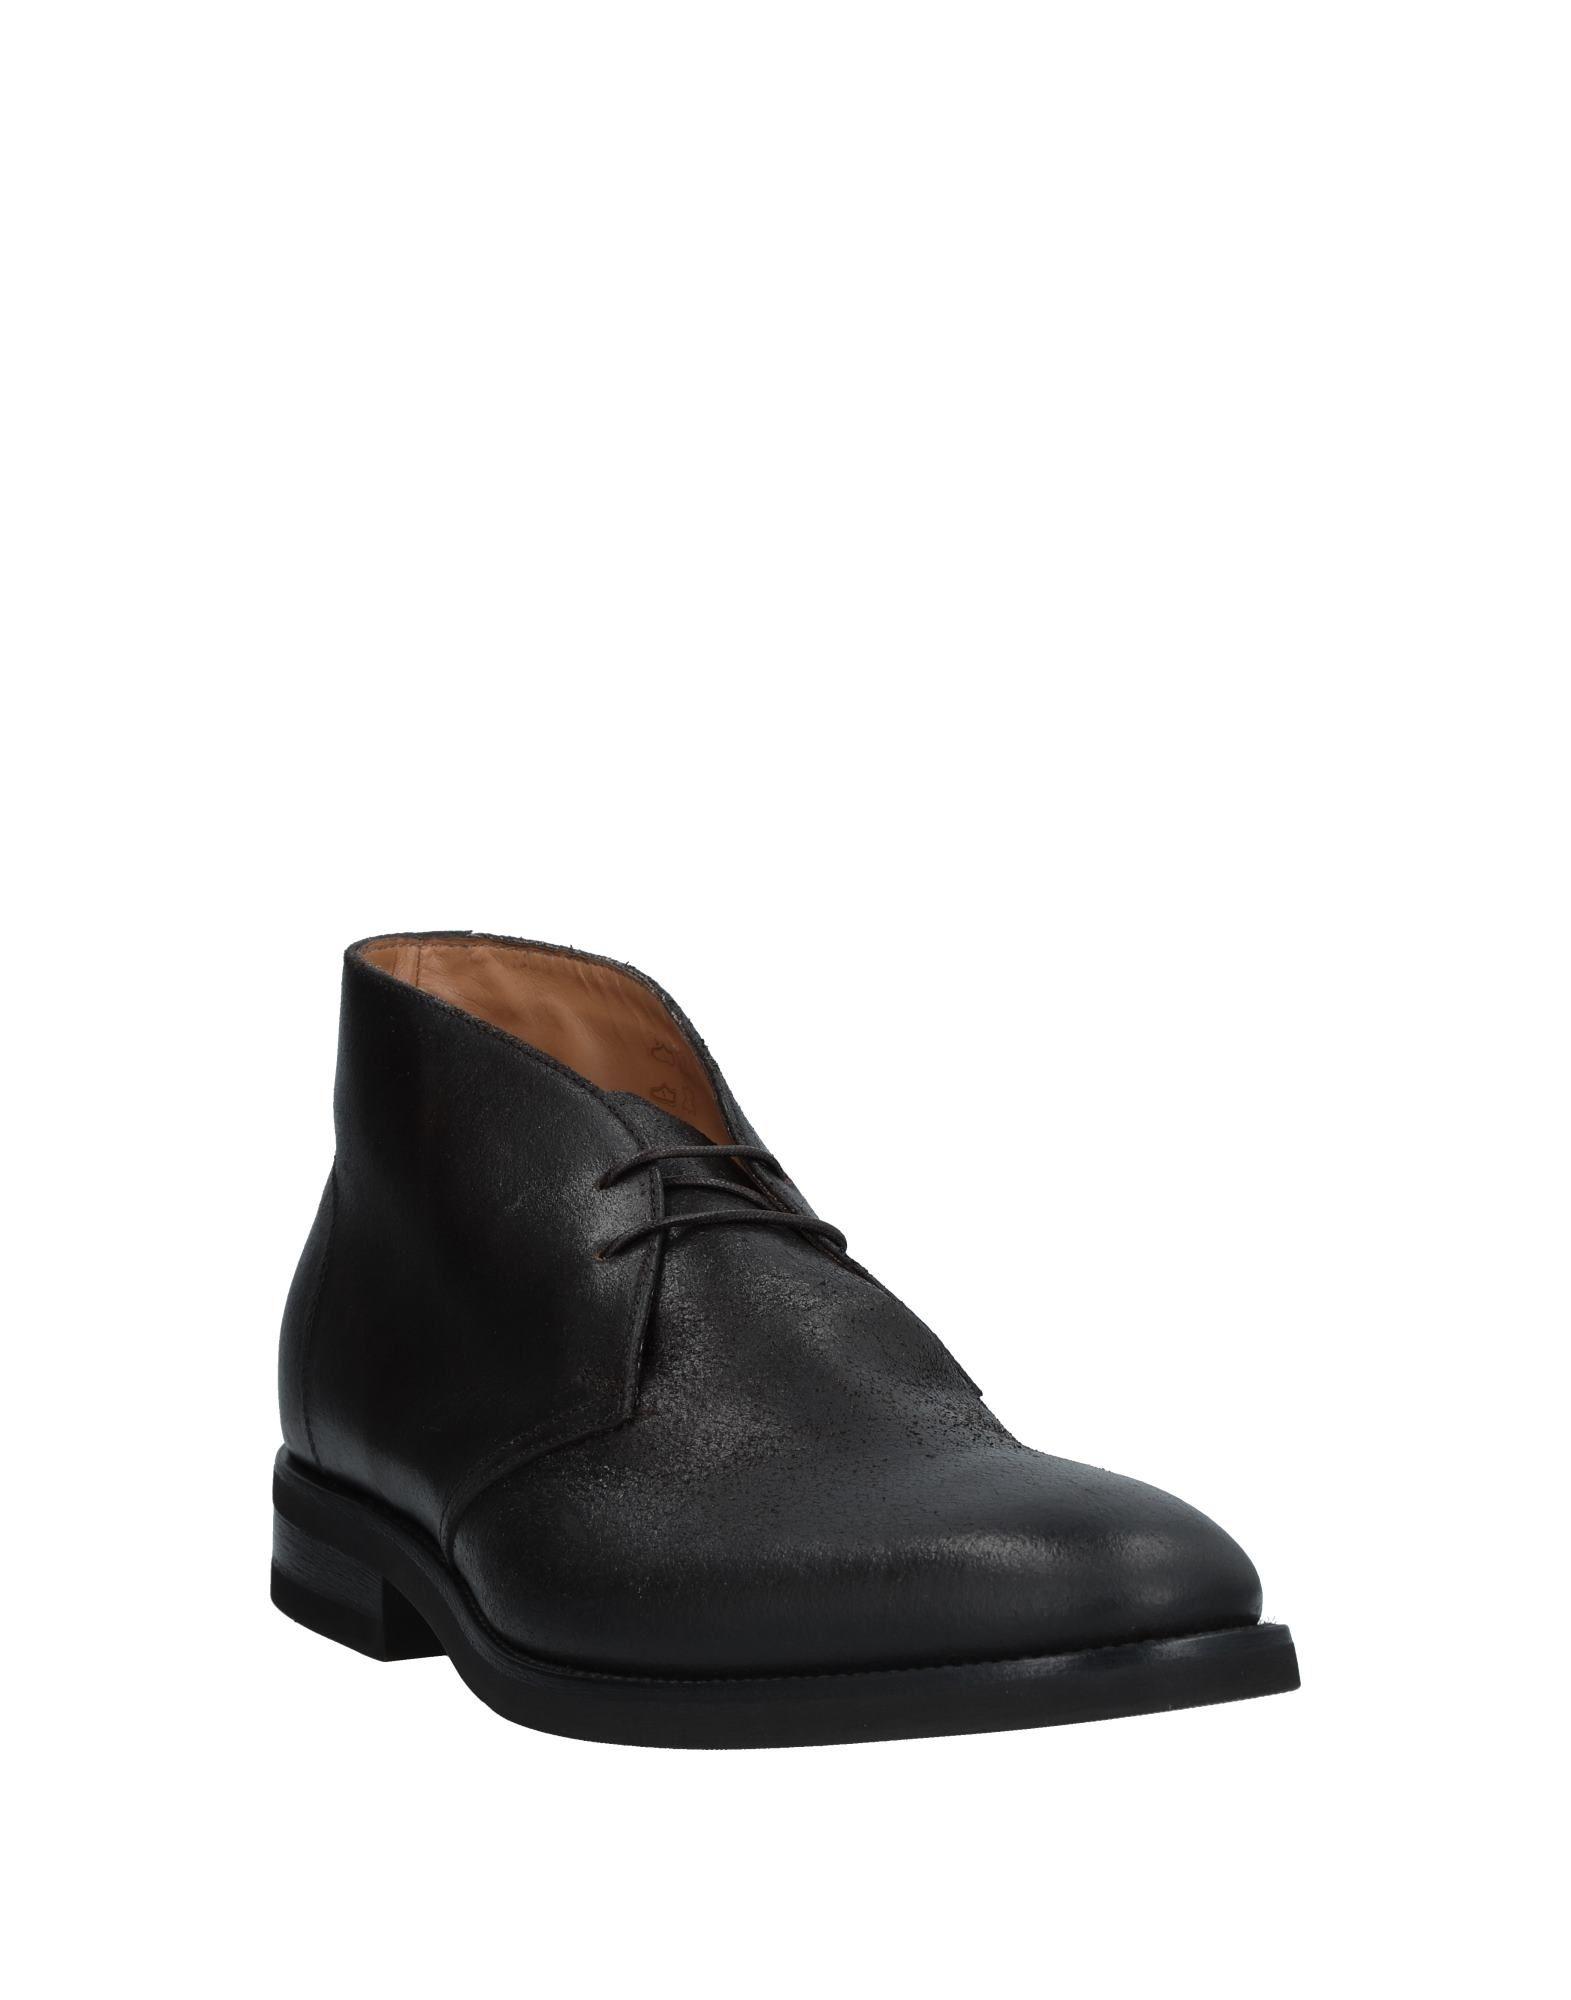 Fabi Stiefelette Herren  11517913IO Gute Qualität beliebte Schuhe